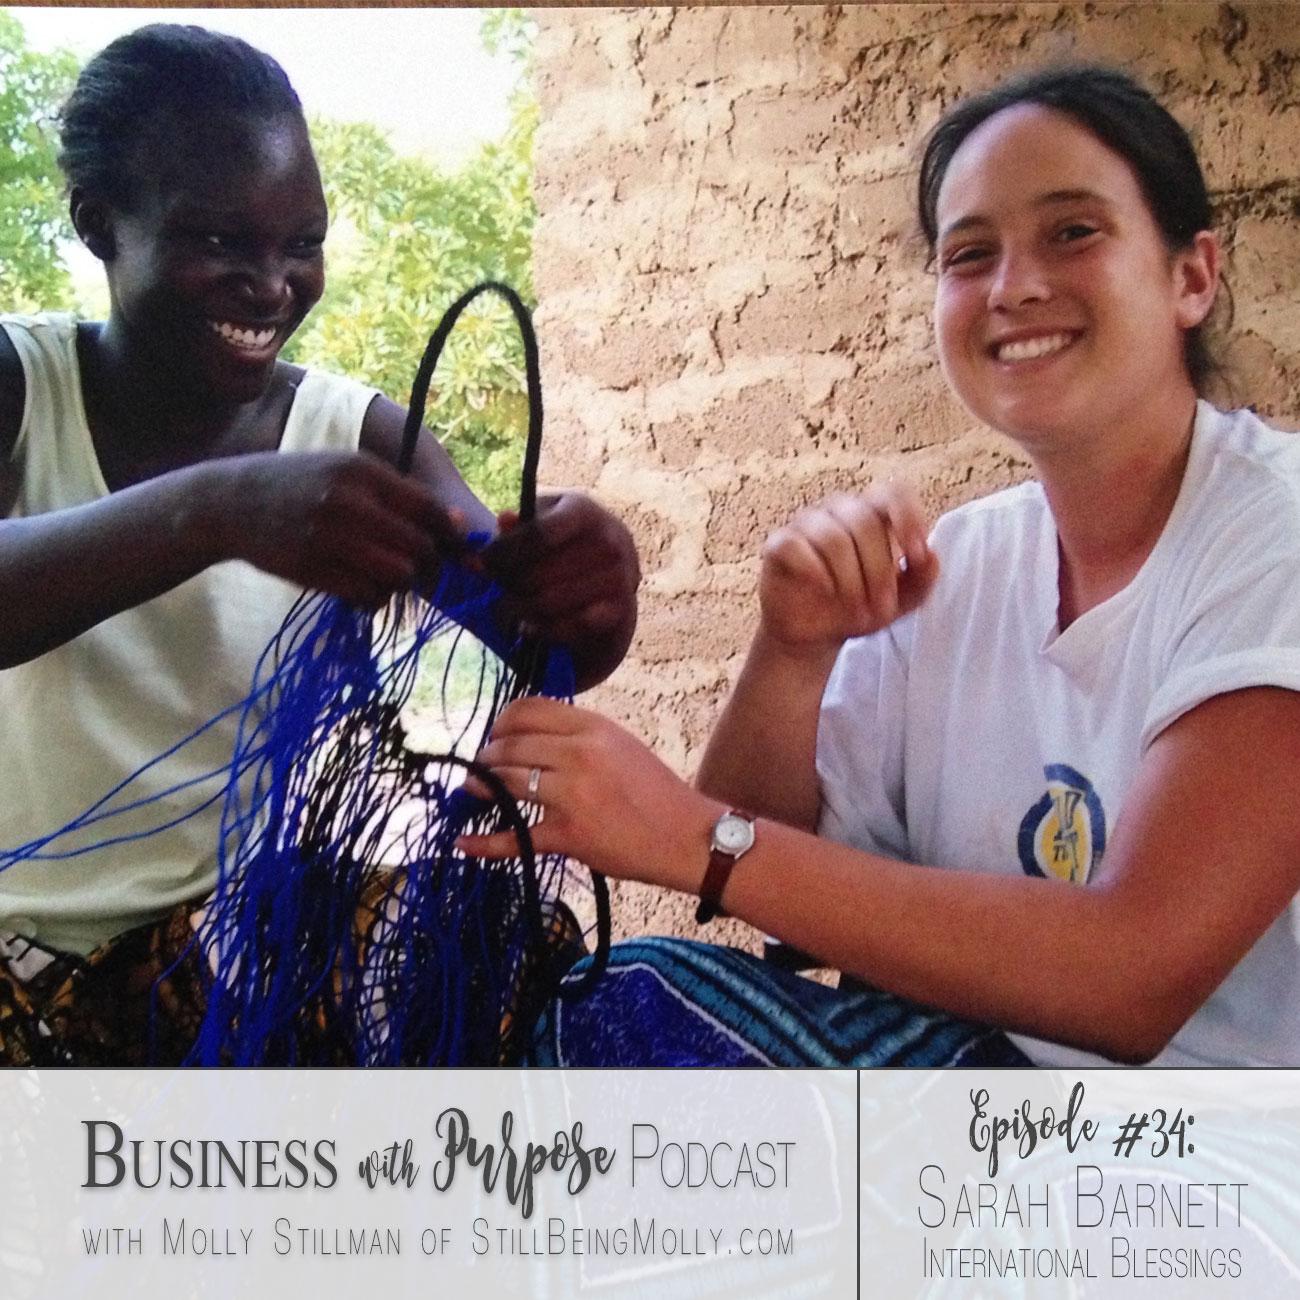 EP 34: Sarah Barnett, Founder of International Blessings